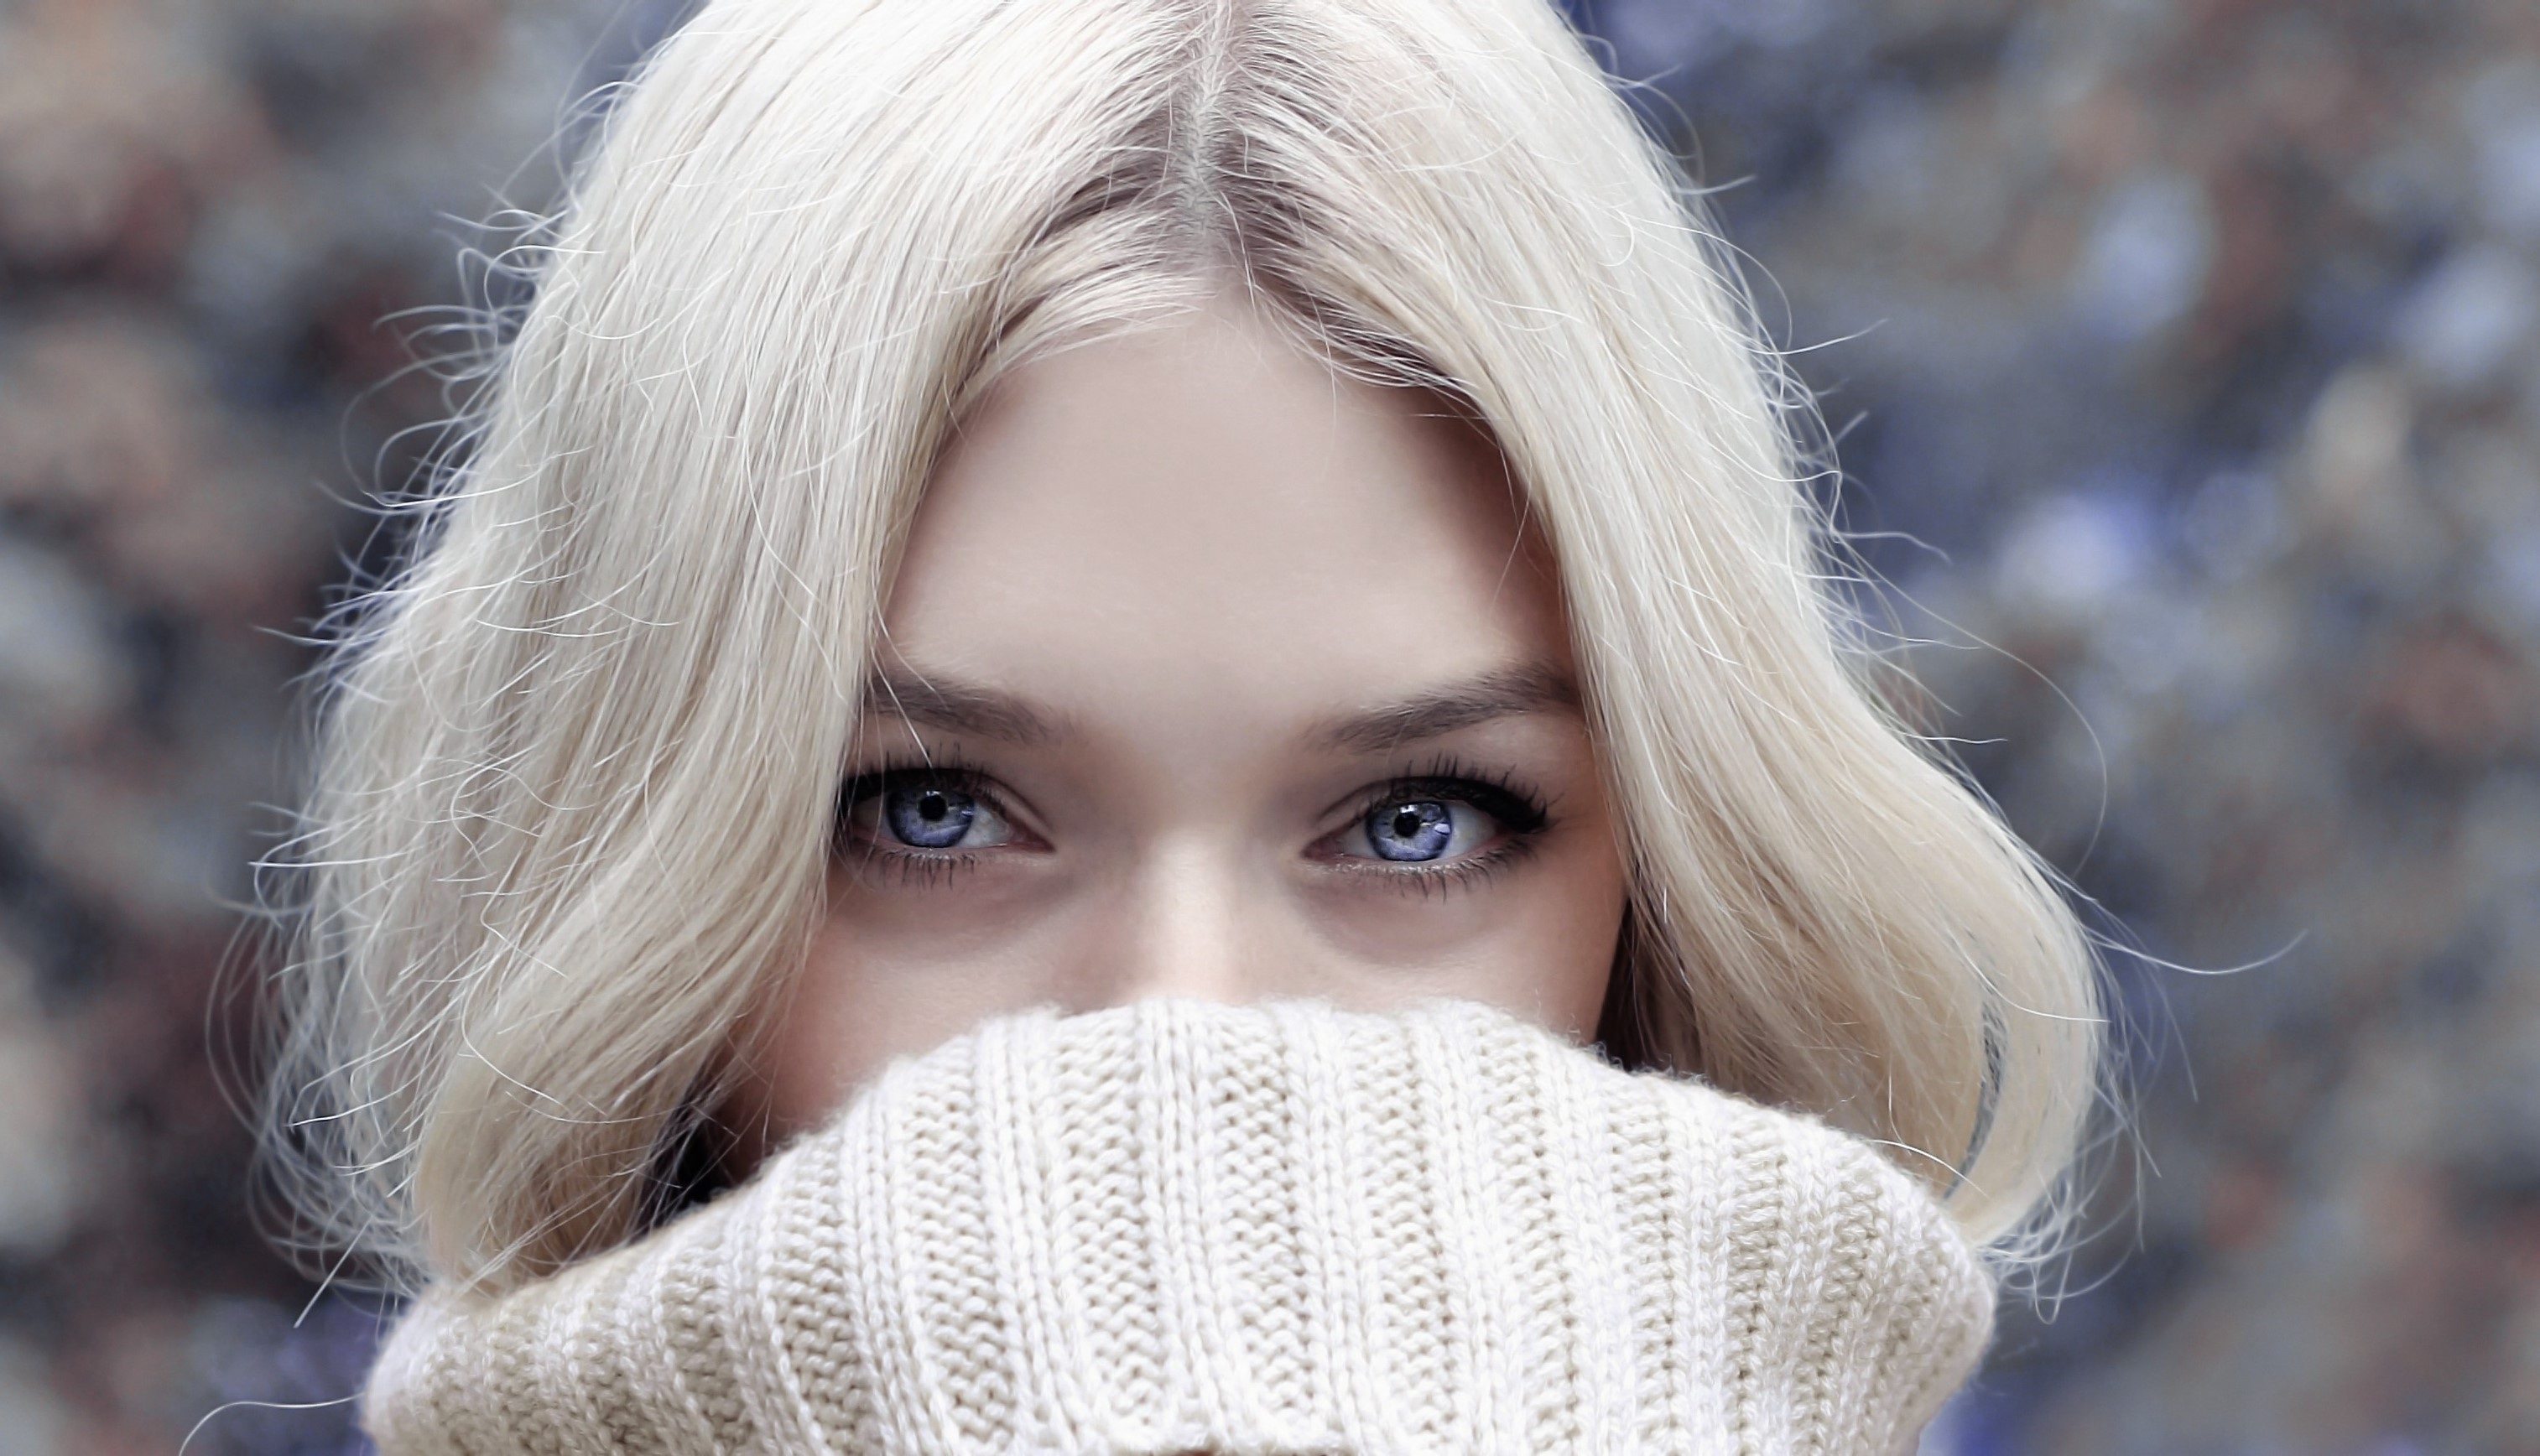 Zo geeft de modewereld jouw oude trui een nieuw leven